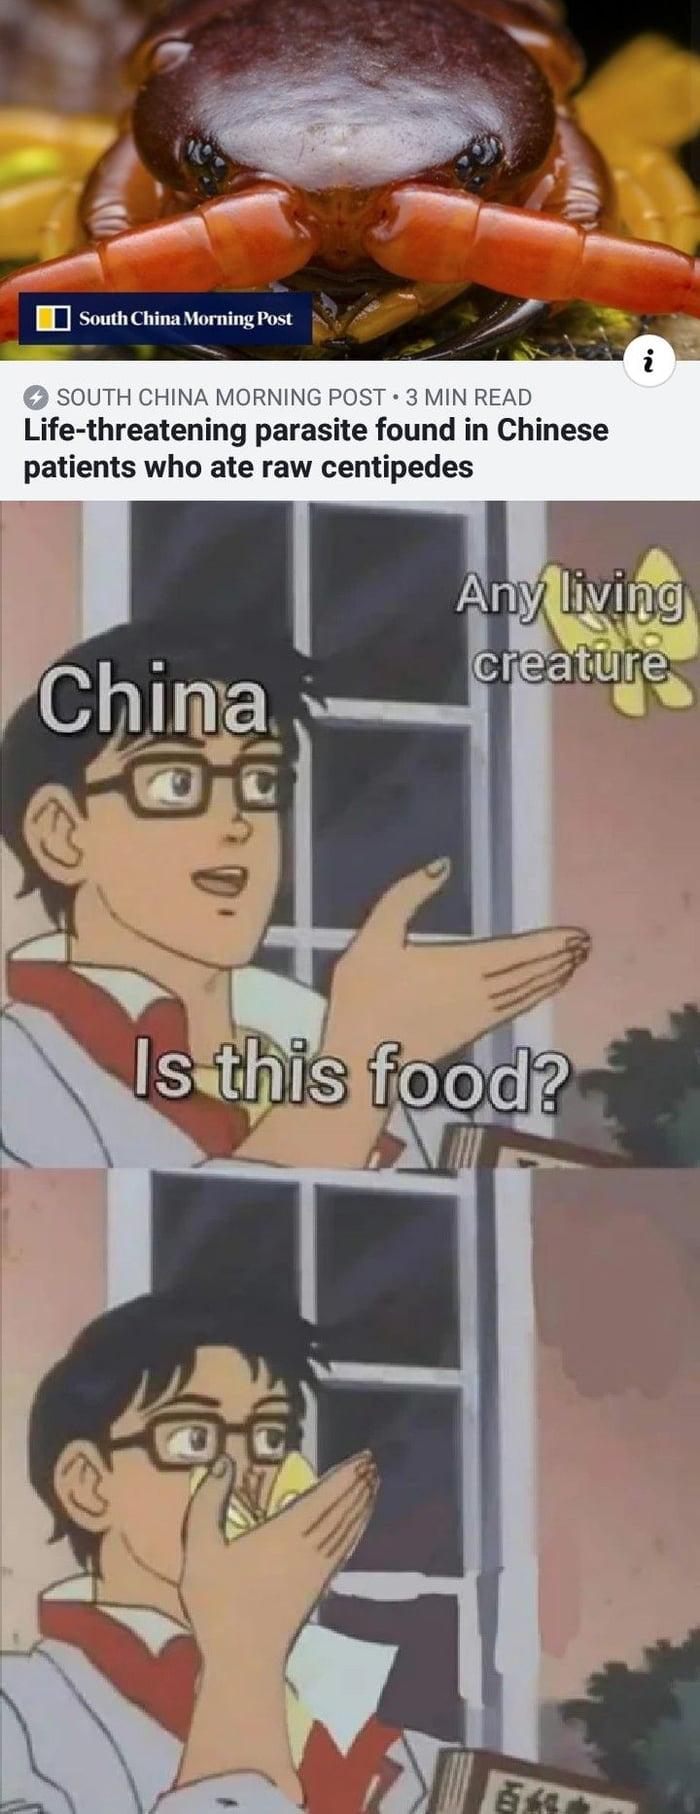 Better put soy in it